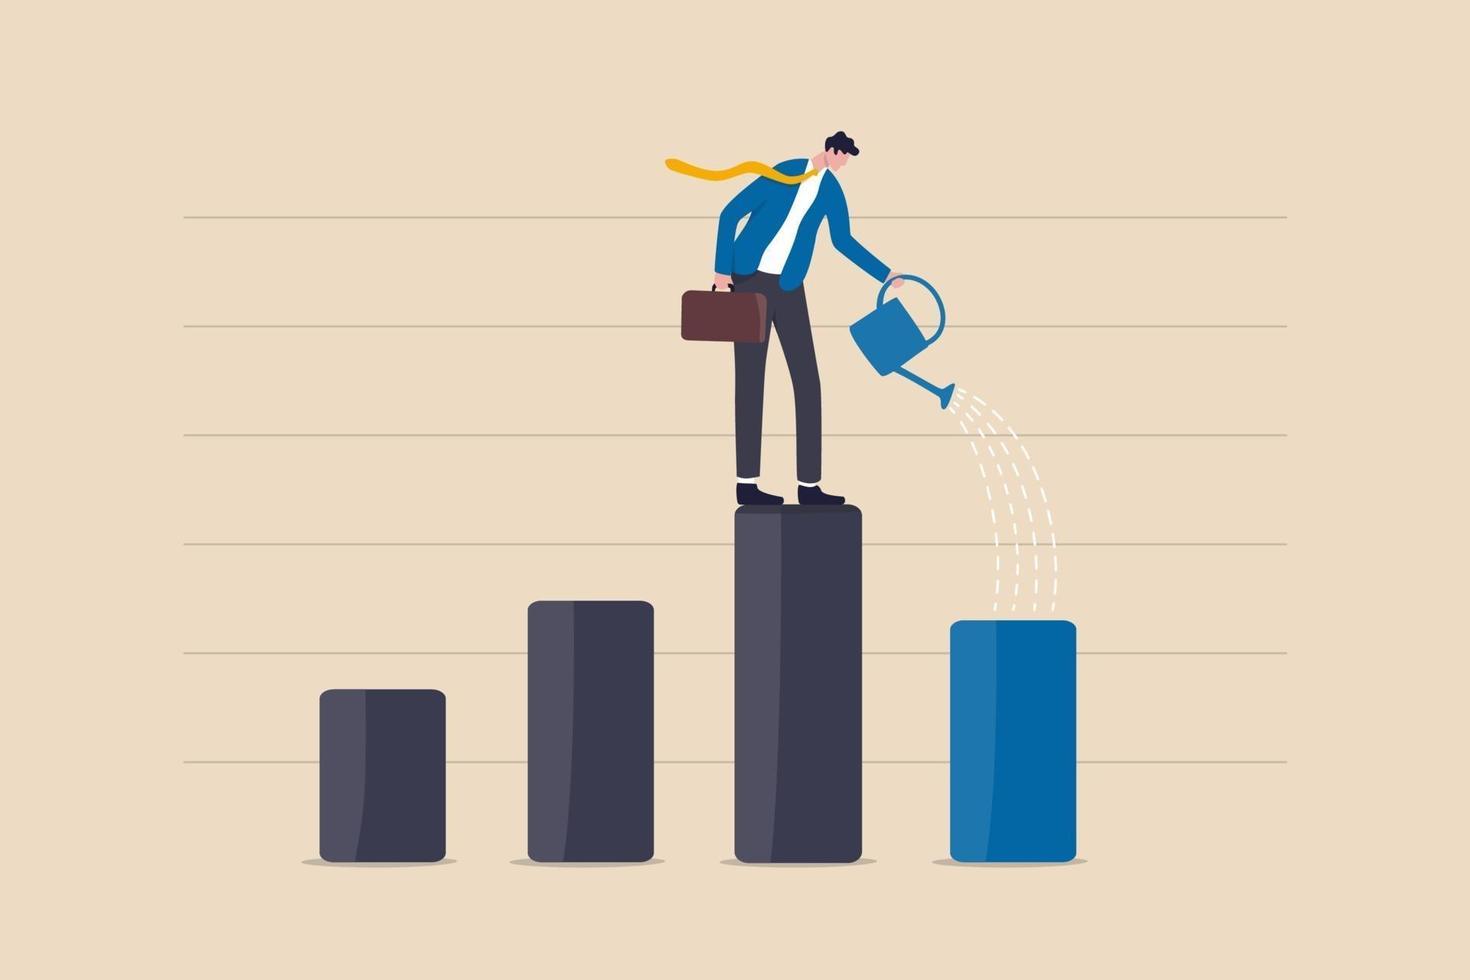 ekonomisk återhämtning med penningstimulans, ledarskap för att växa affärer, investeringstillväxt eller vinst och intjäningskoncept vektor